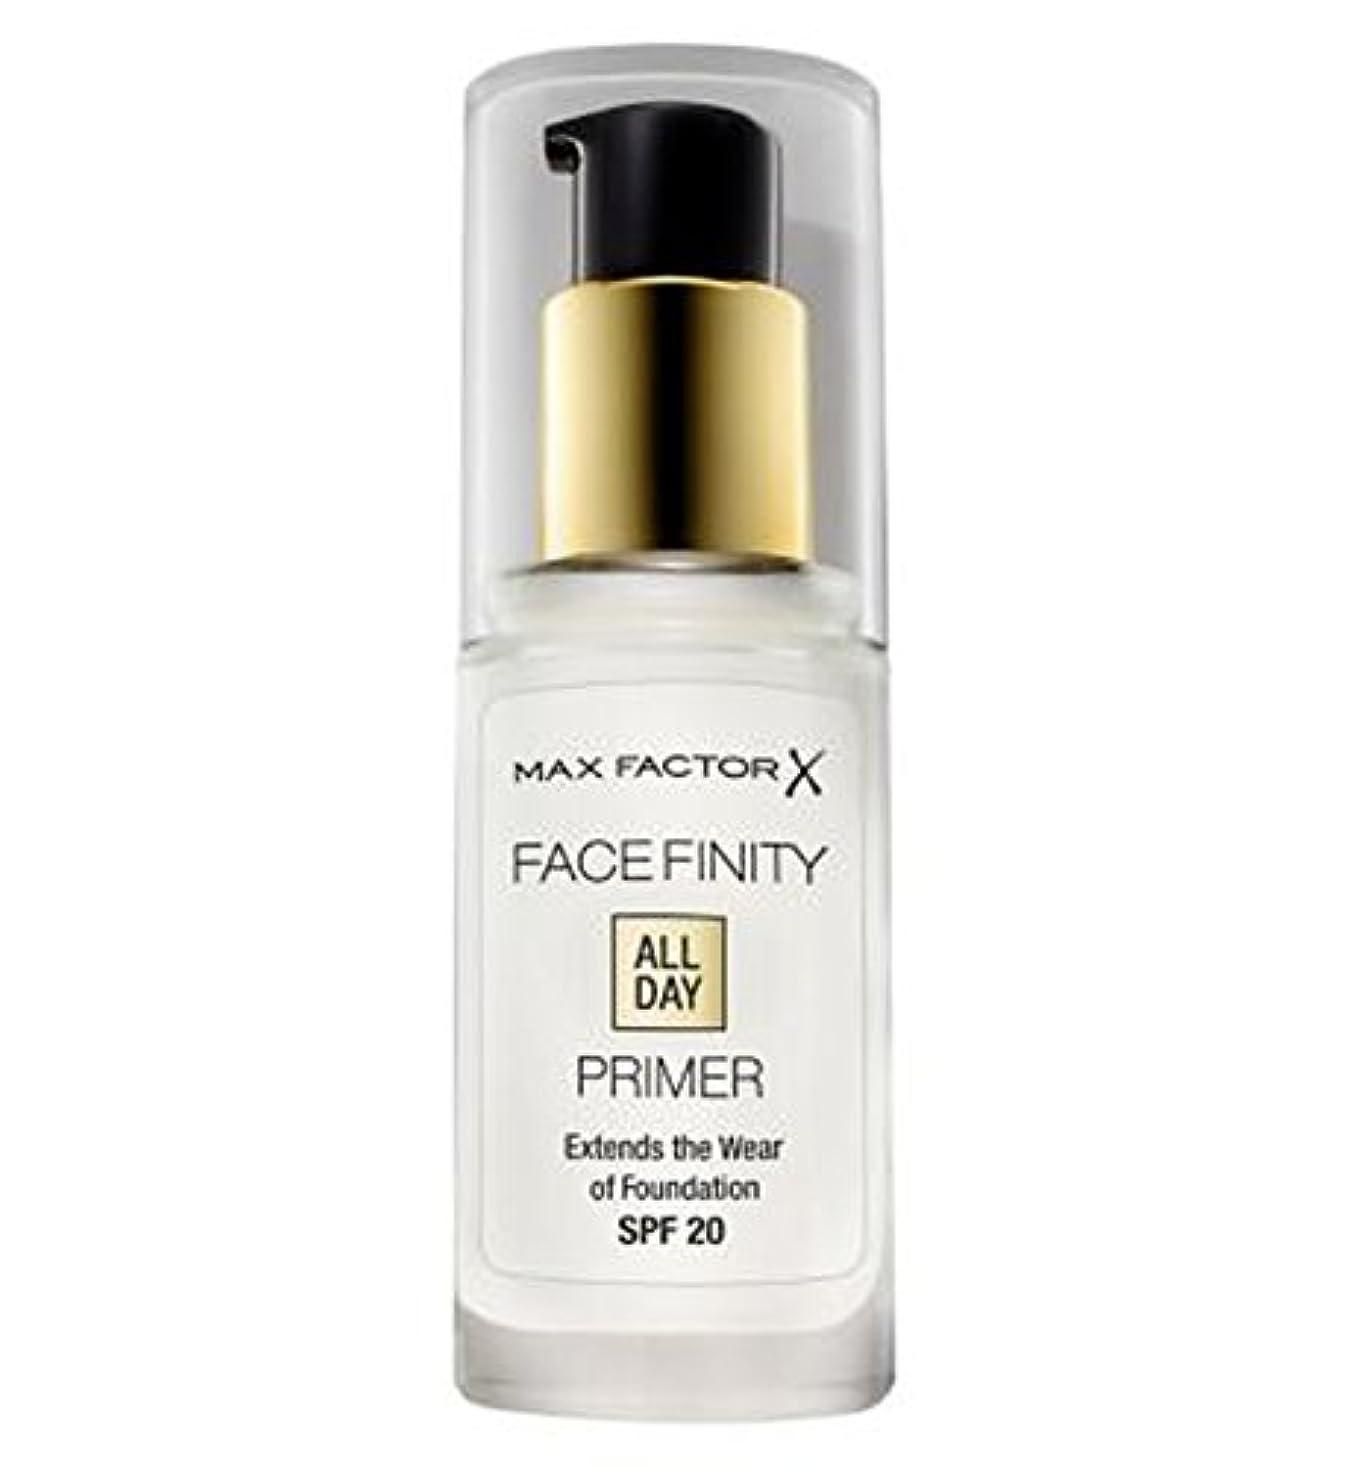 目覚める過激派害マックスファクターのFacefinity終日プライマー (Max Factor) (x2) - Max Factor Facefinity All Day Primer (Pack of 2) [並行輸入品]